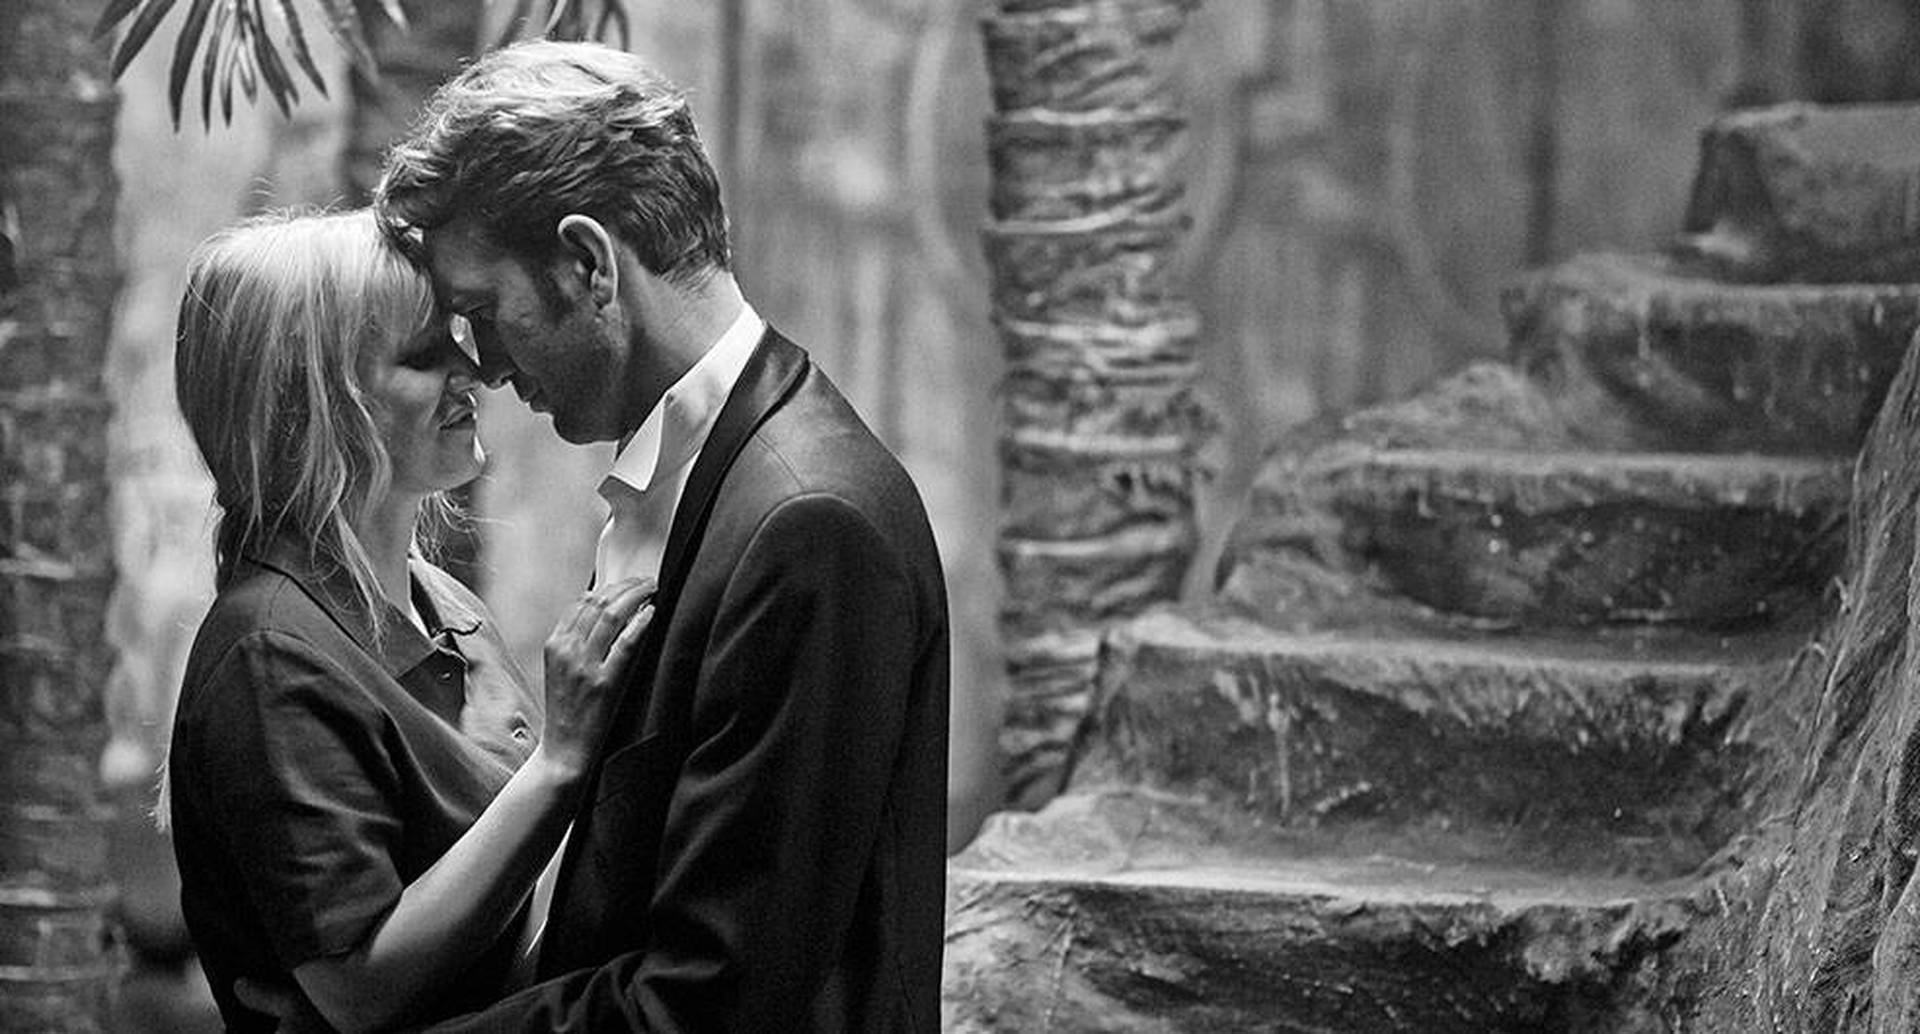 Tomasz Kot y Joanna Kulig protagonizan una dura historia de amor enmarcada en Polonia en 1949.